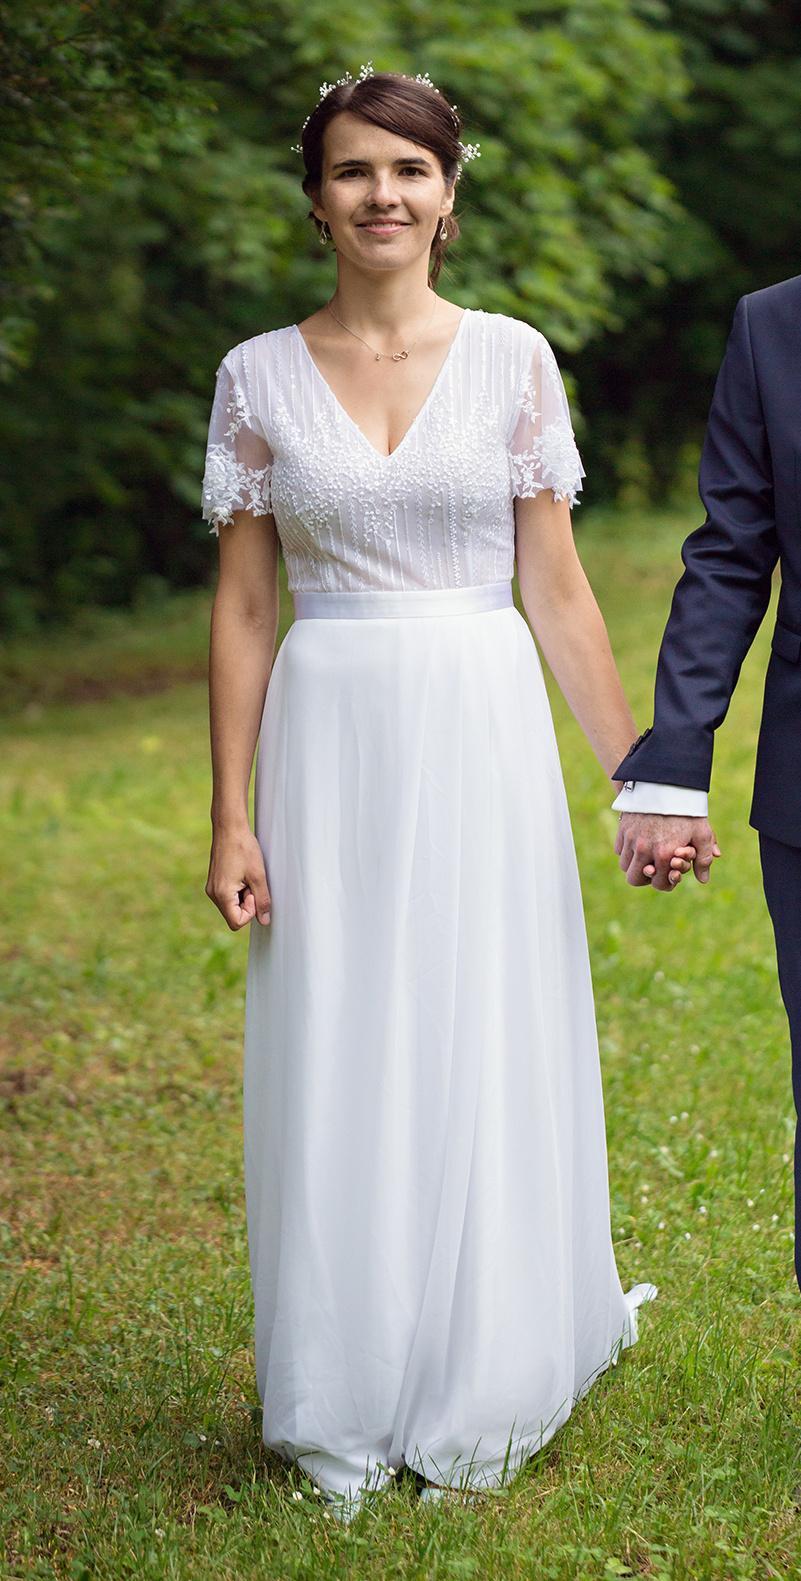 Splývavé svatební šaty s krajkou - Obrázek č. 1